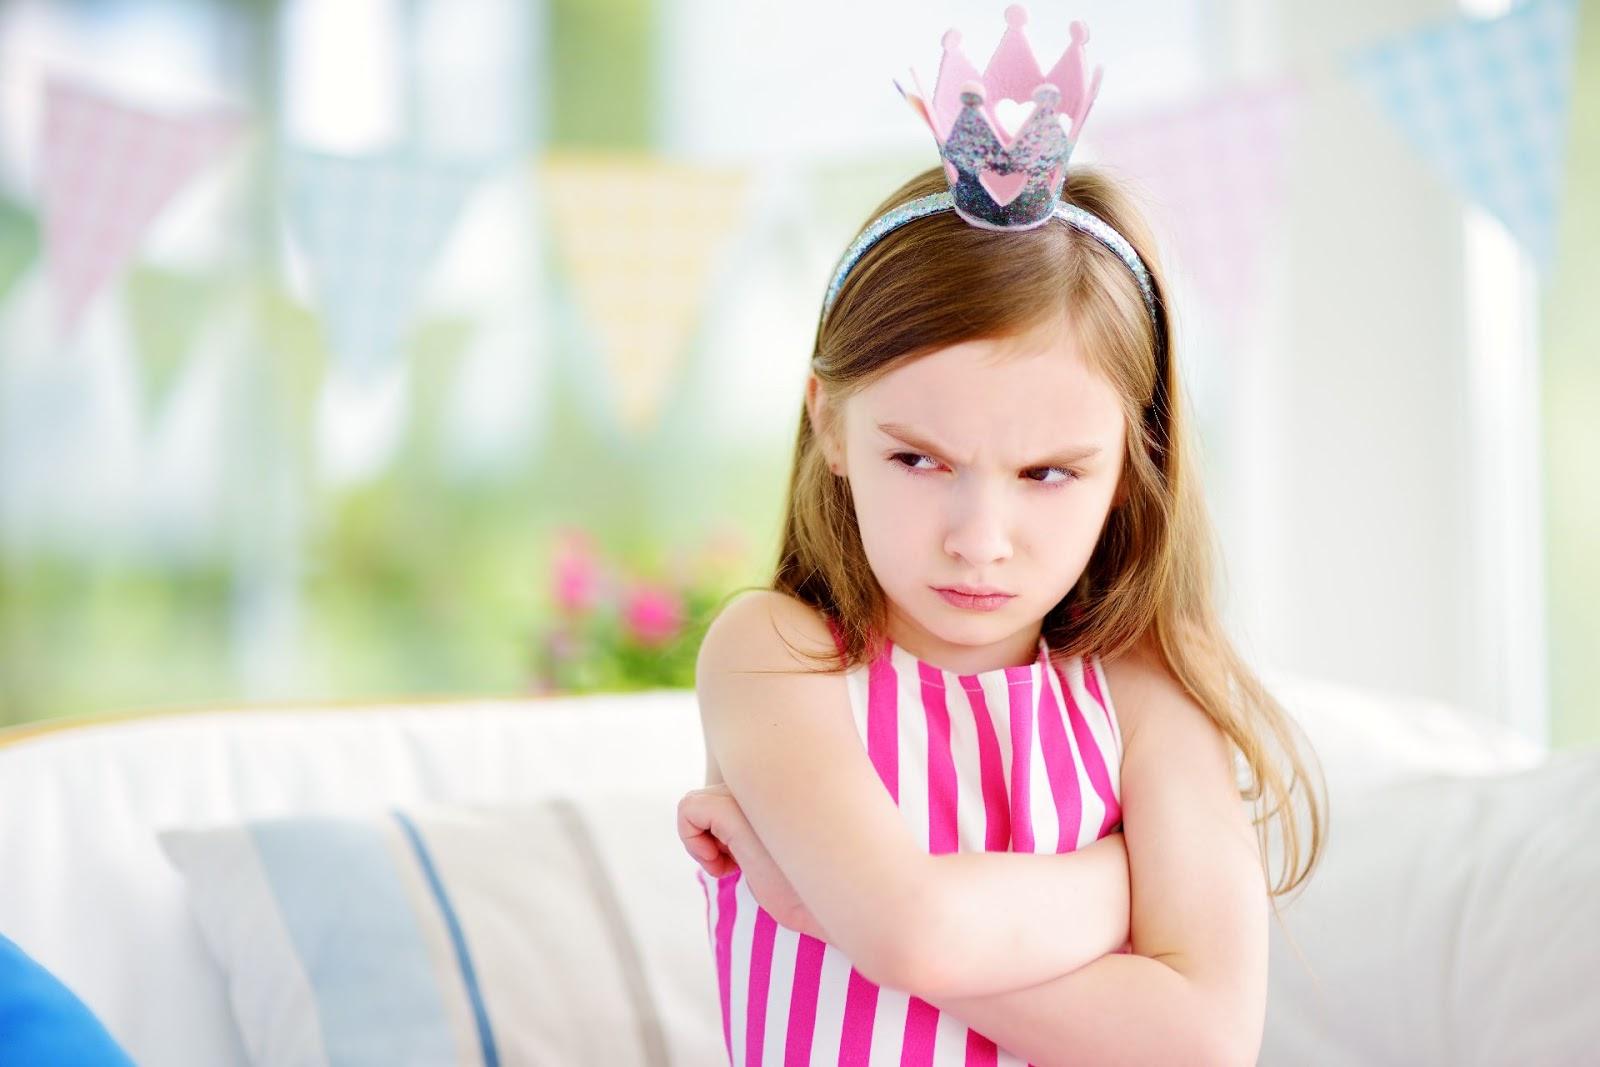 crianca-teimosa-desobediente-teimosia-maternidade-site criança